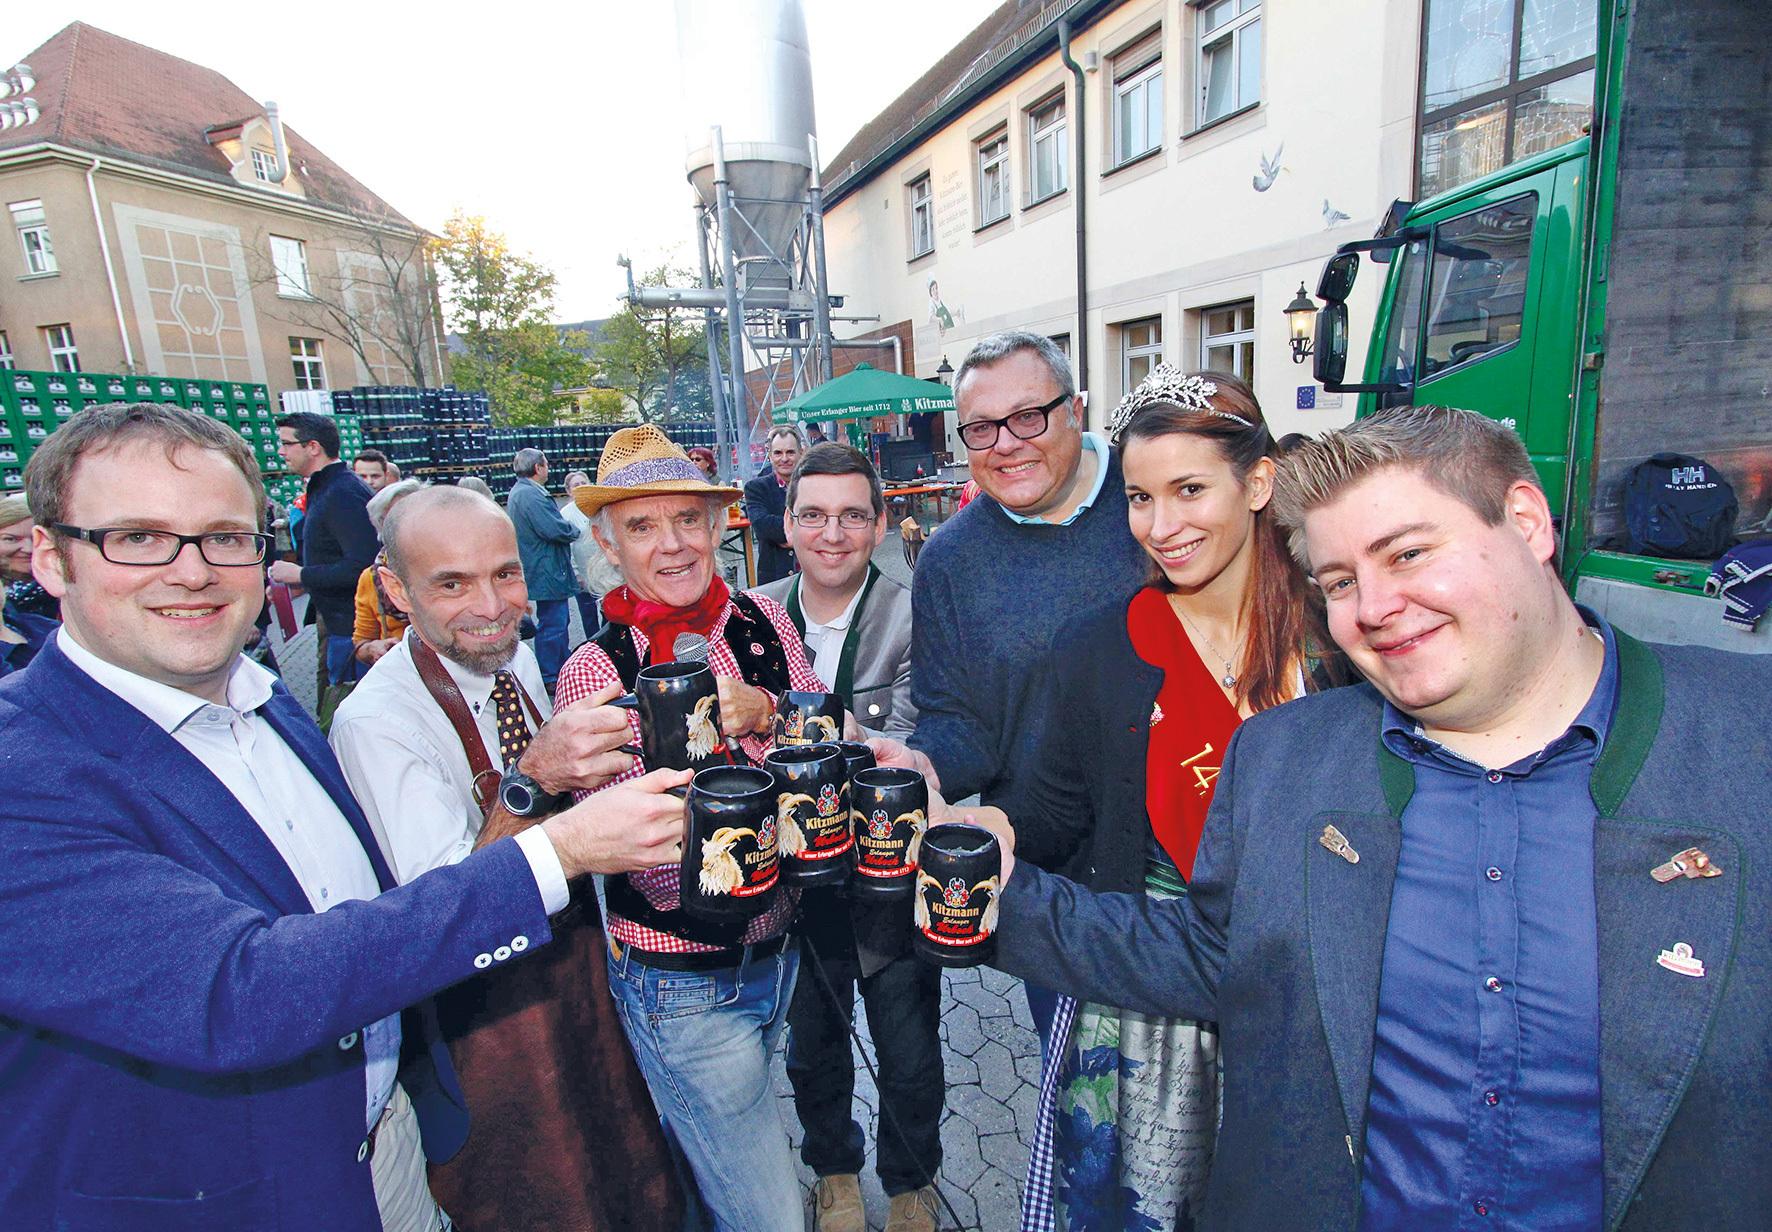 Bockbieranstich im Kitzmann Brauereihof eröffnet Winterbiersaison ...